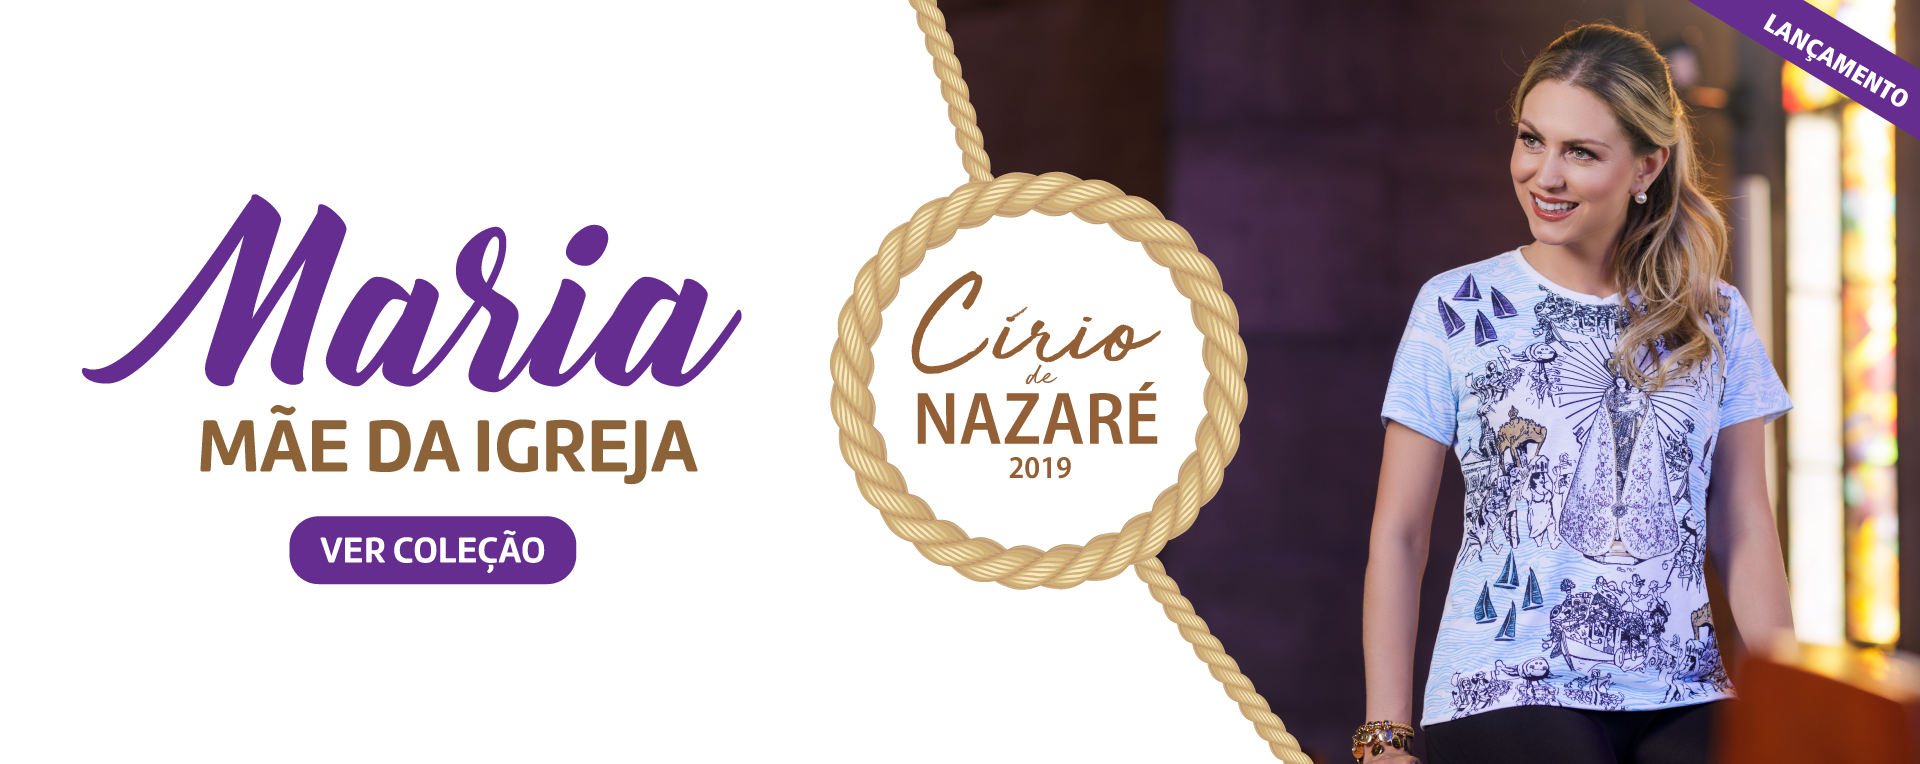 Cirio de Nazare 2019